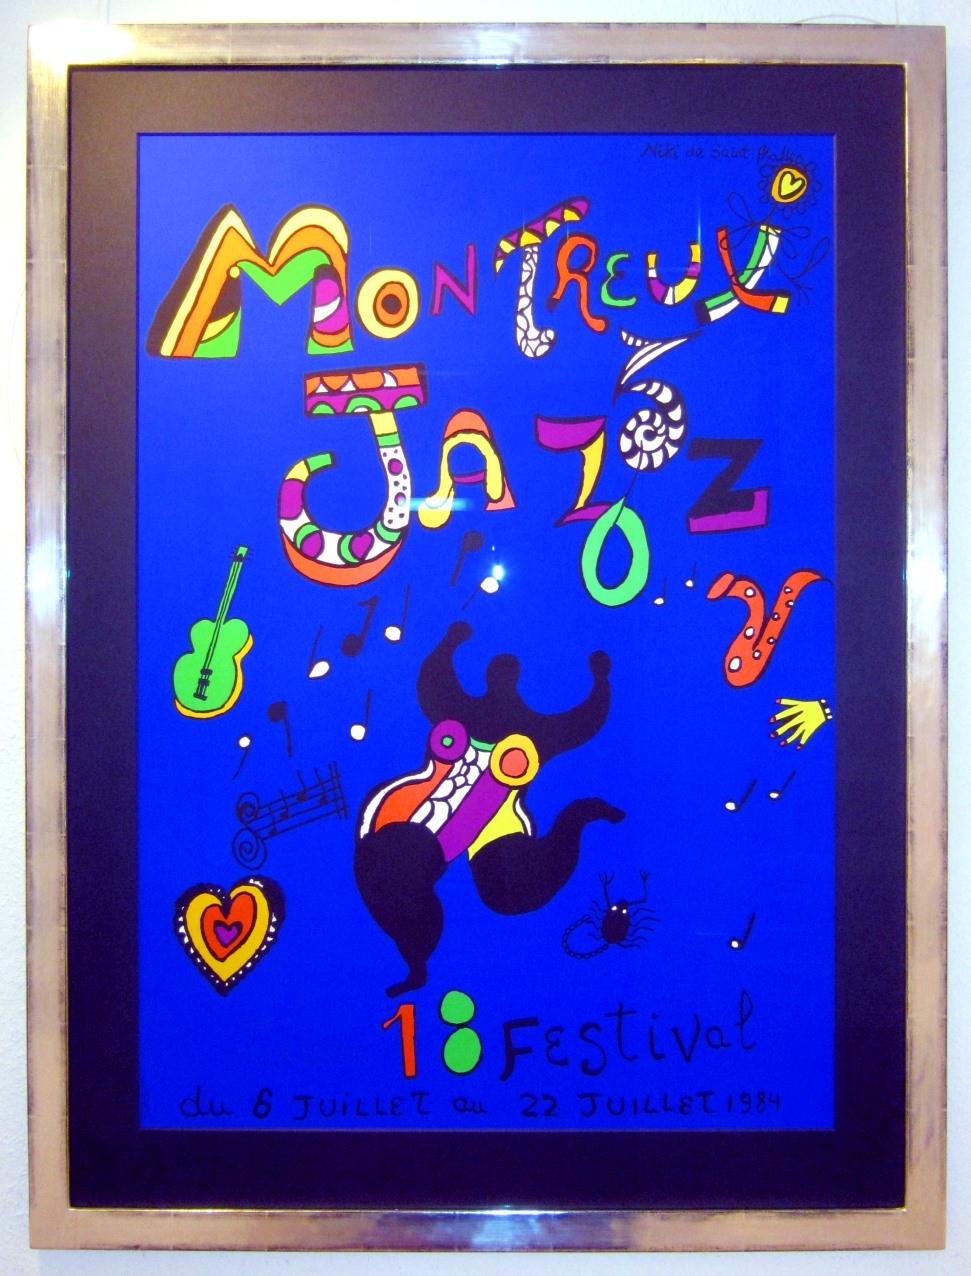 Montreux Jazz Festival 1984